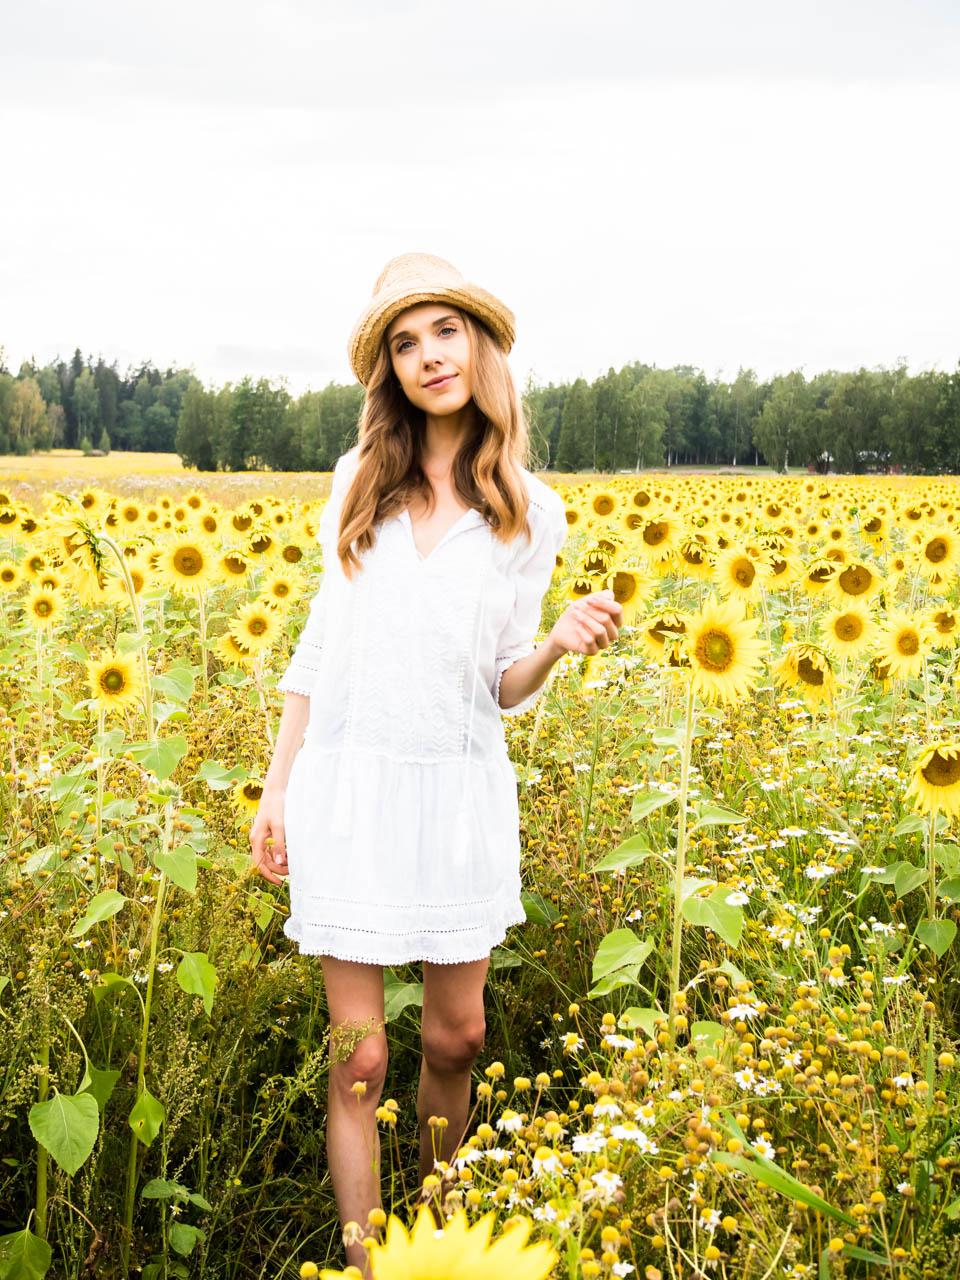 fashion-blogger-sunflower-field-photography-2019-trends-muoti-muotiblogi-auringonkukat-kesämuoti-trendit-pyöräilyshortsit